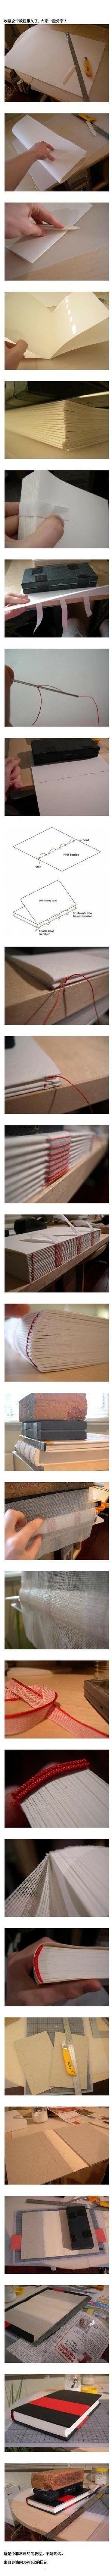 如何做一本书 - 堆糖 发现生活_收集美好_分享图片